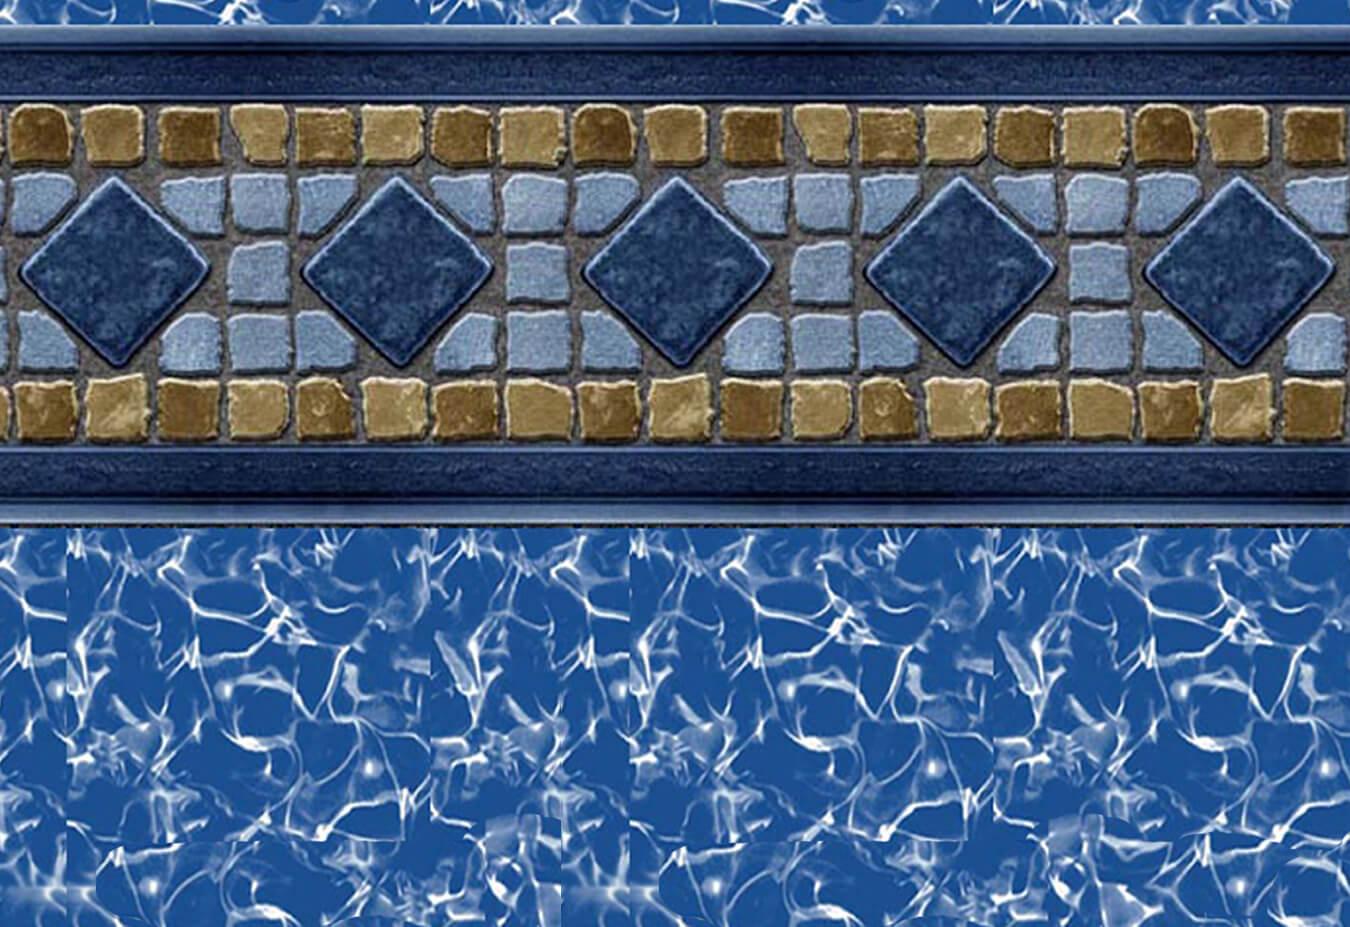 Pool Vinyl Liner Patterns Manassas Stafford Vinyl Liner